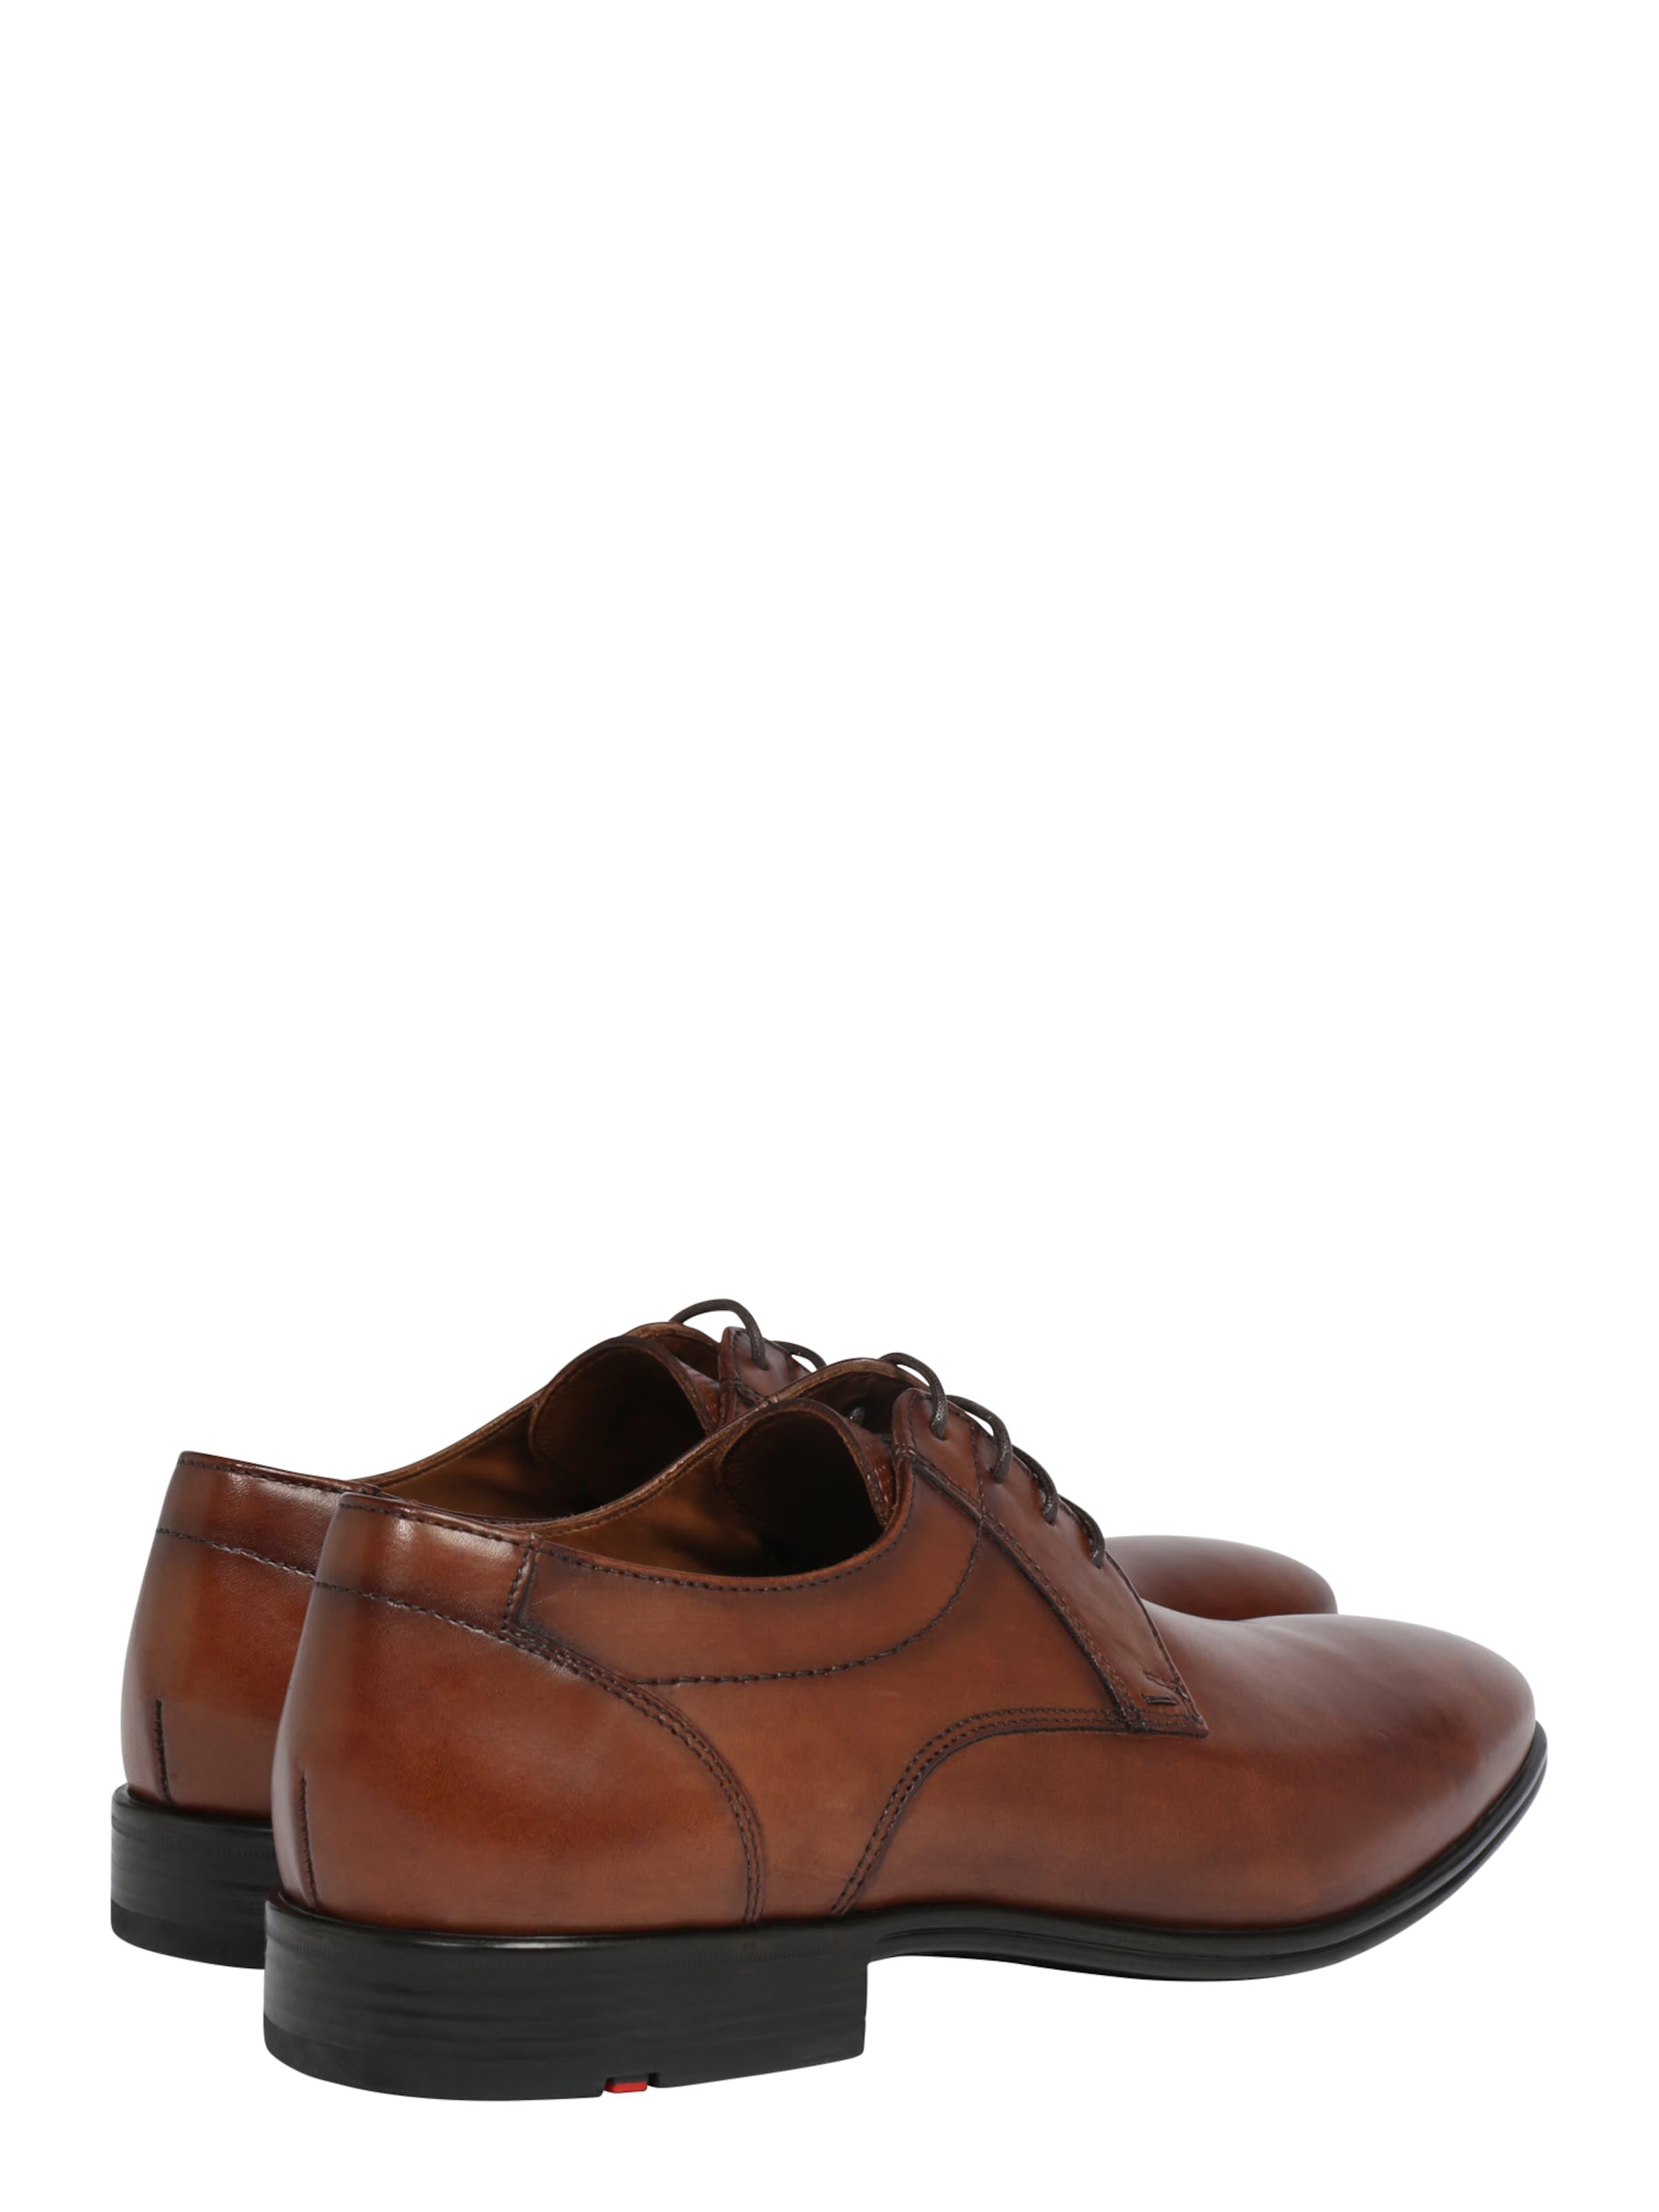 Marron 'osmond' Chaussure Lloyd À Lacets En JTlcuKF315